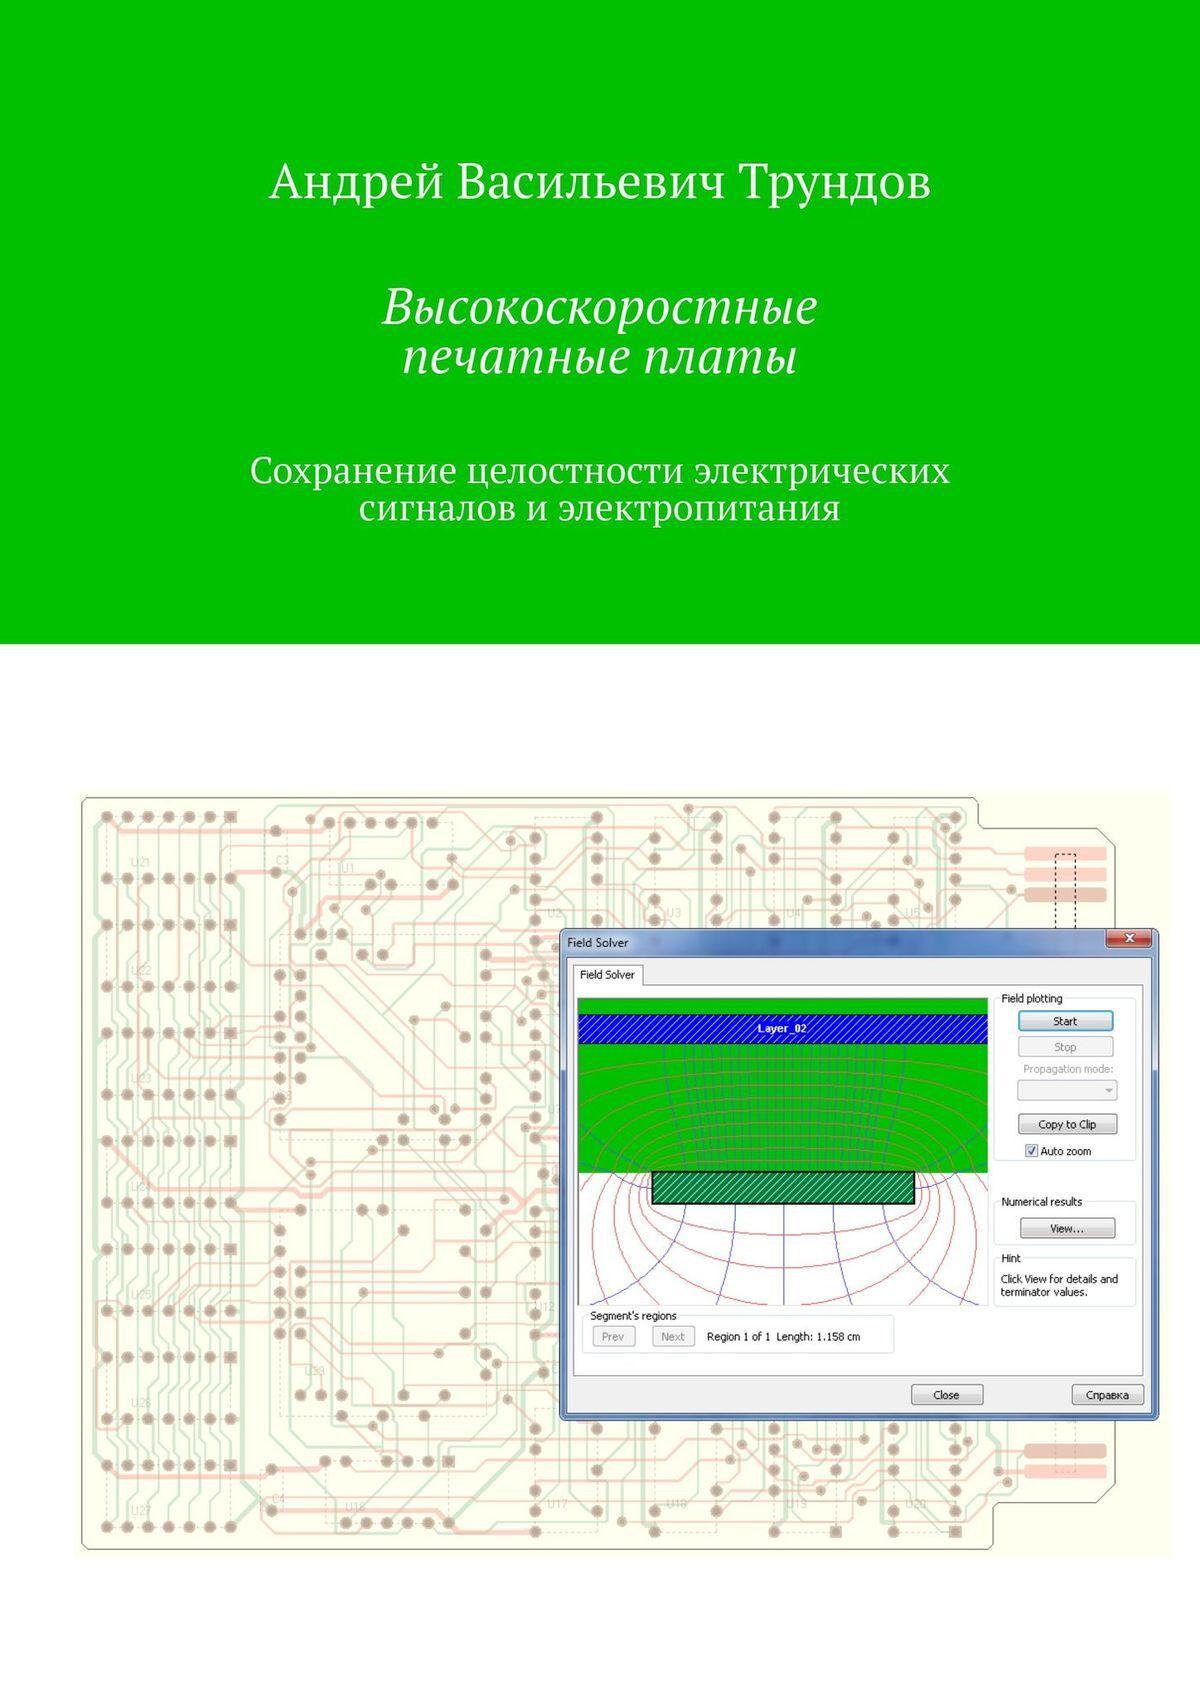 Практические рекомендации попроектированию высокоскоростных печатныхплат. Сохранение целостности электрических сигналов и электропитания